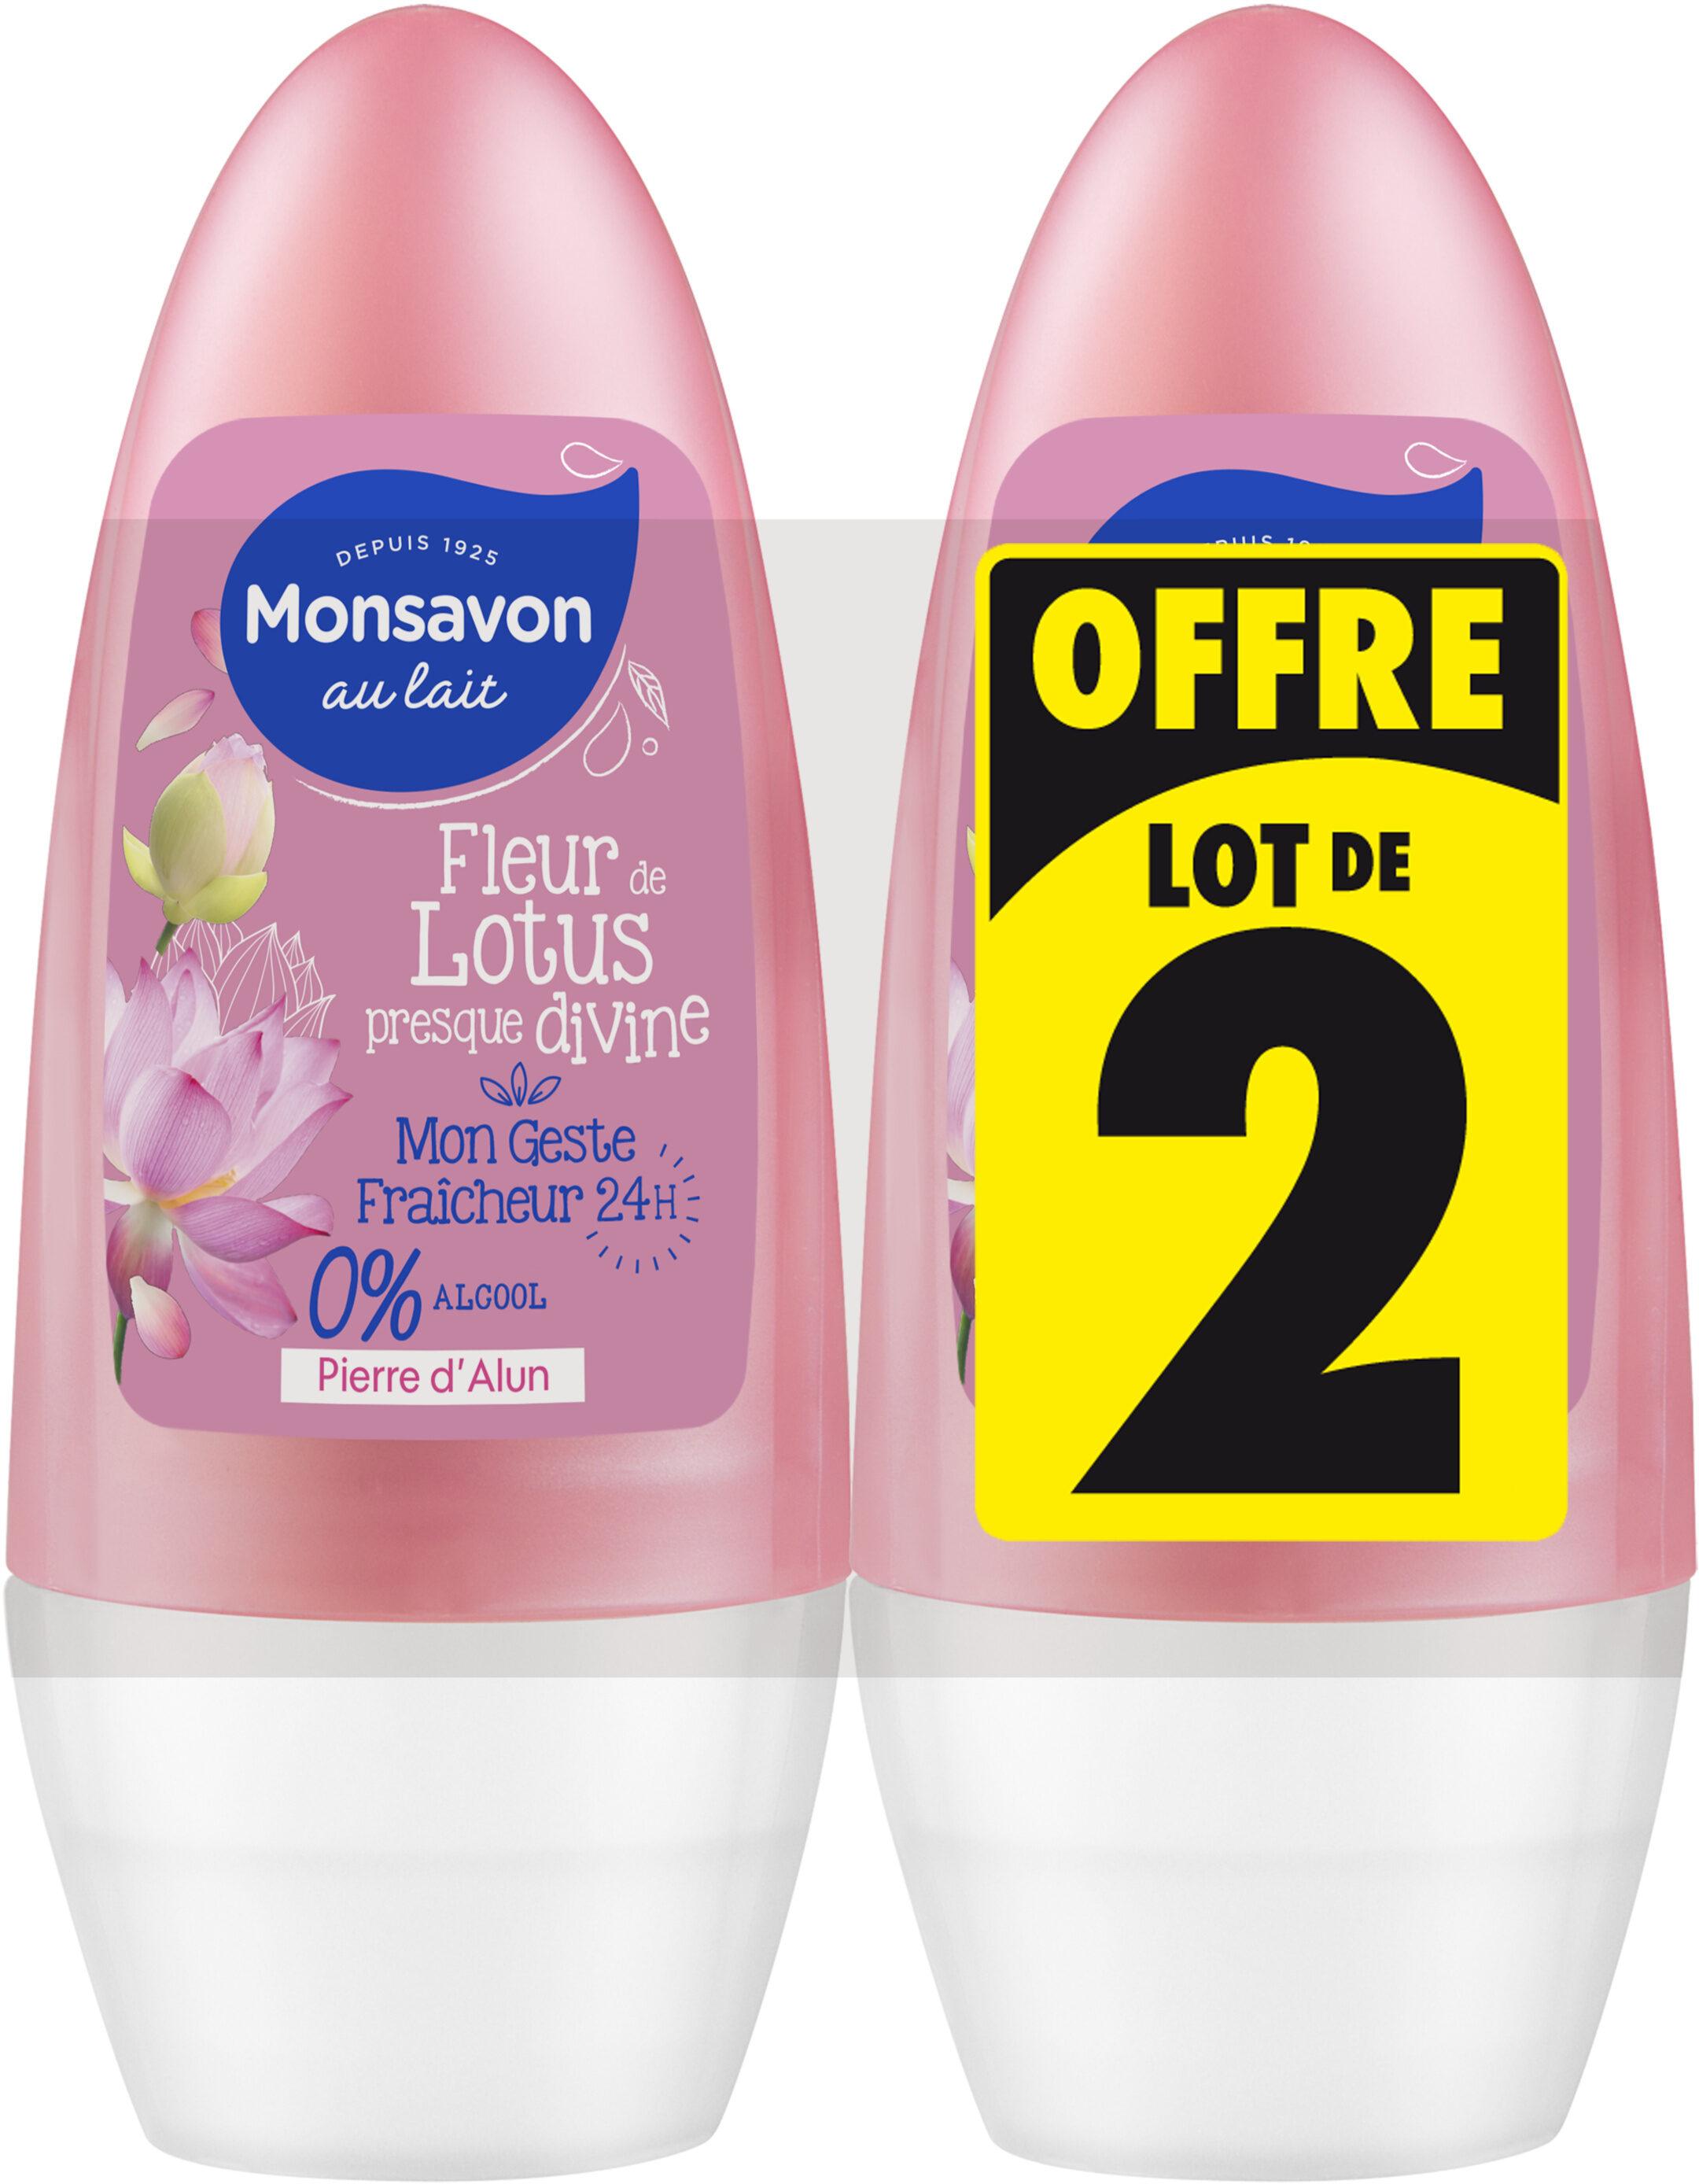 Monsavon Déodorant Femme Bille Fleur de Lotus Presque Divine 50ml Lot de 2 - Produit - fr